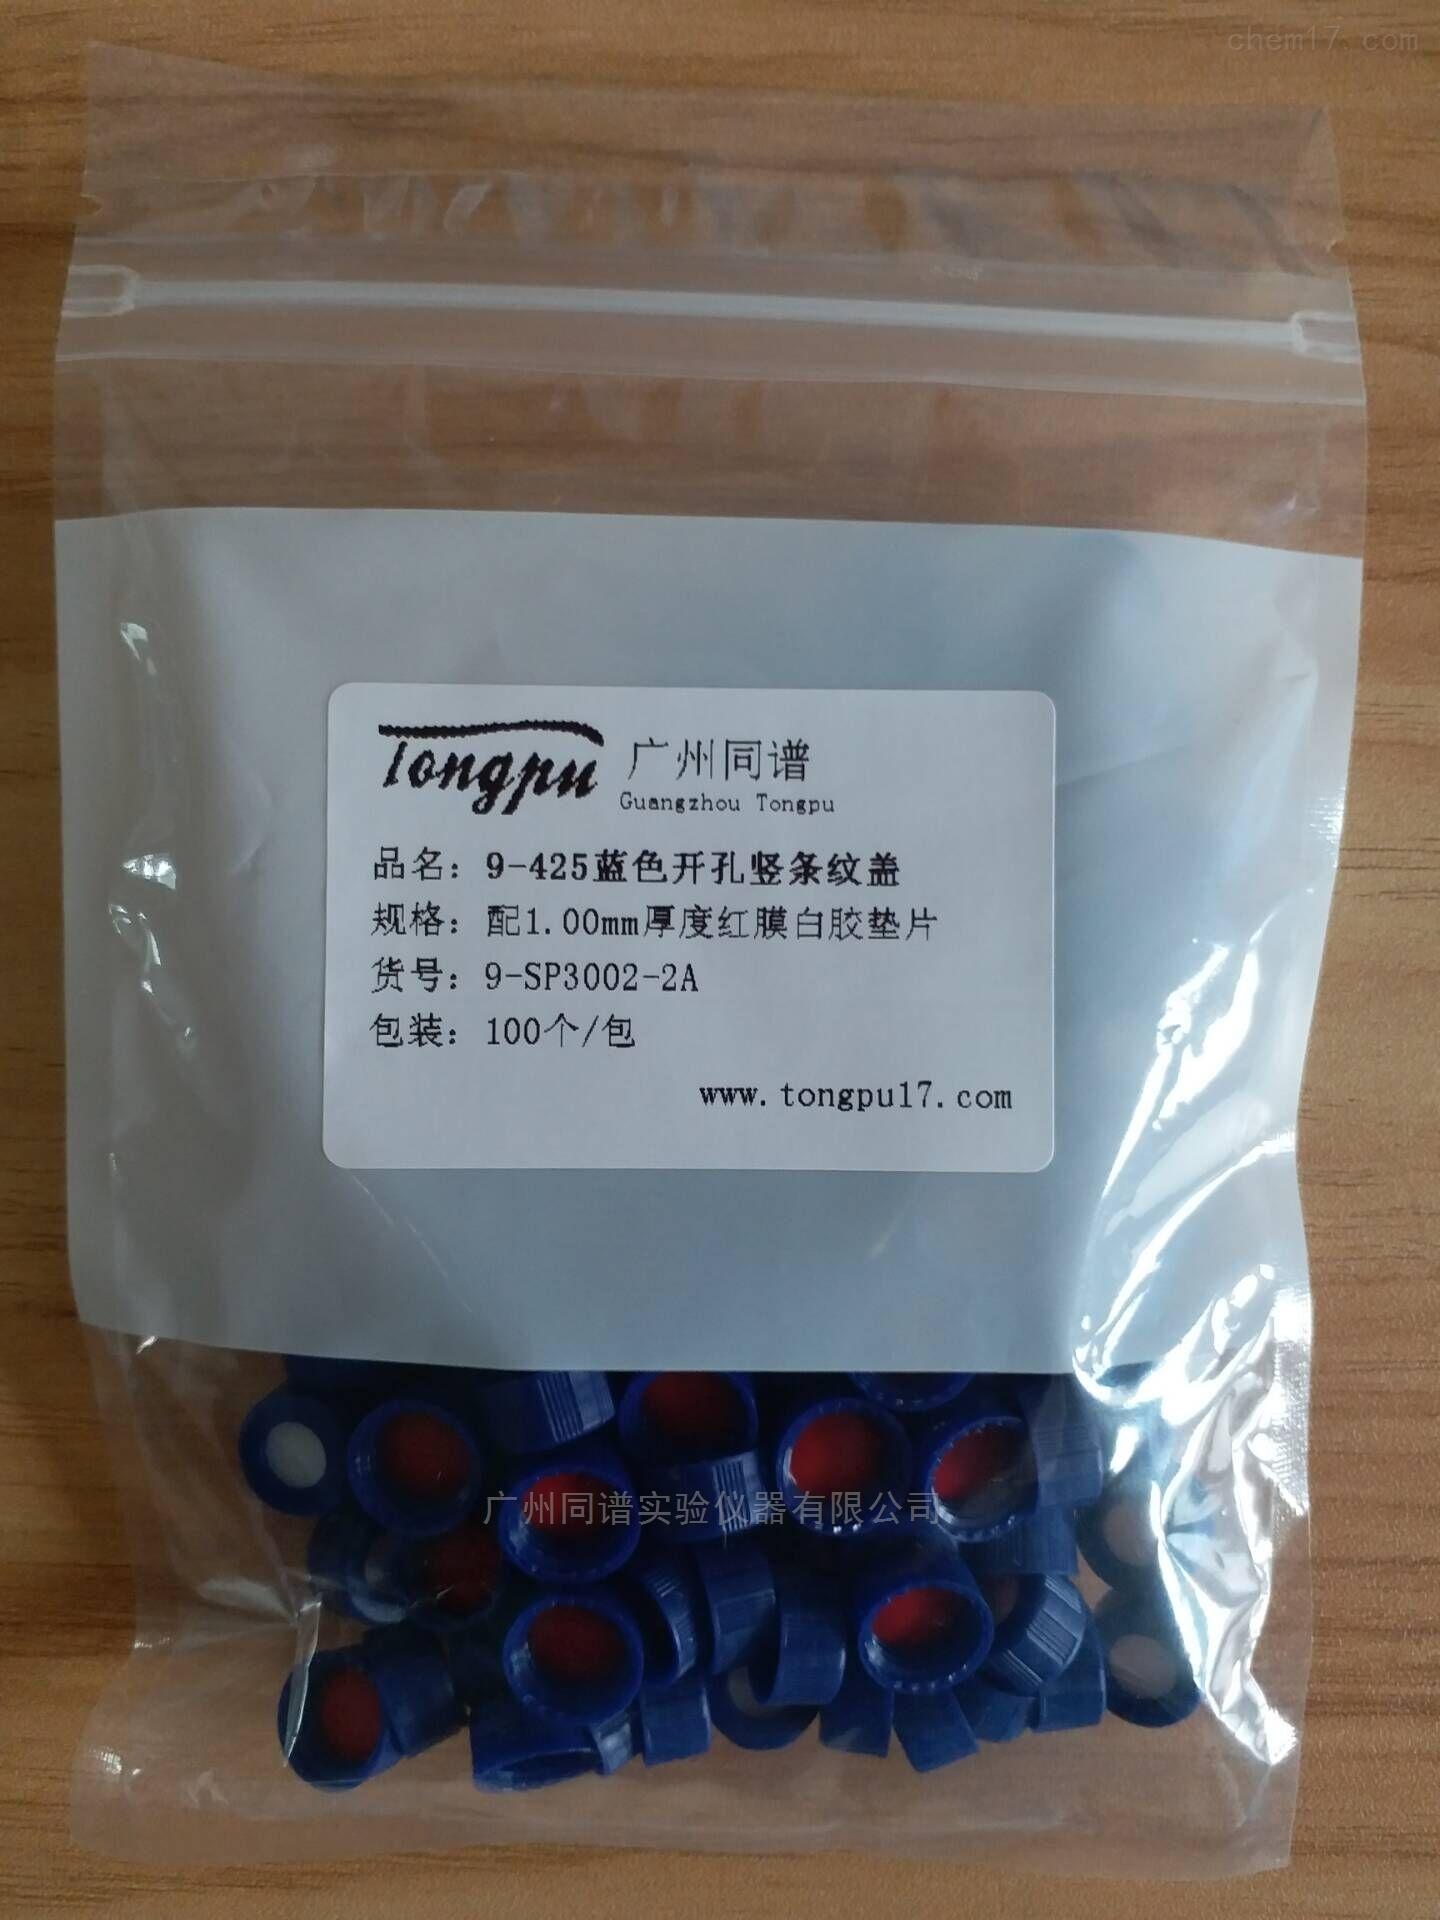 9-425蓝色开孔竖条纹进样瓶盖 9-SP3002-2A